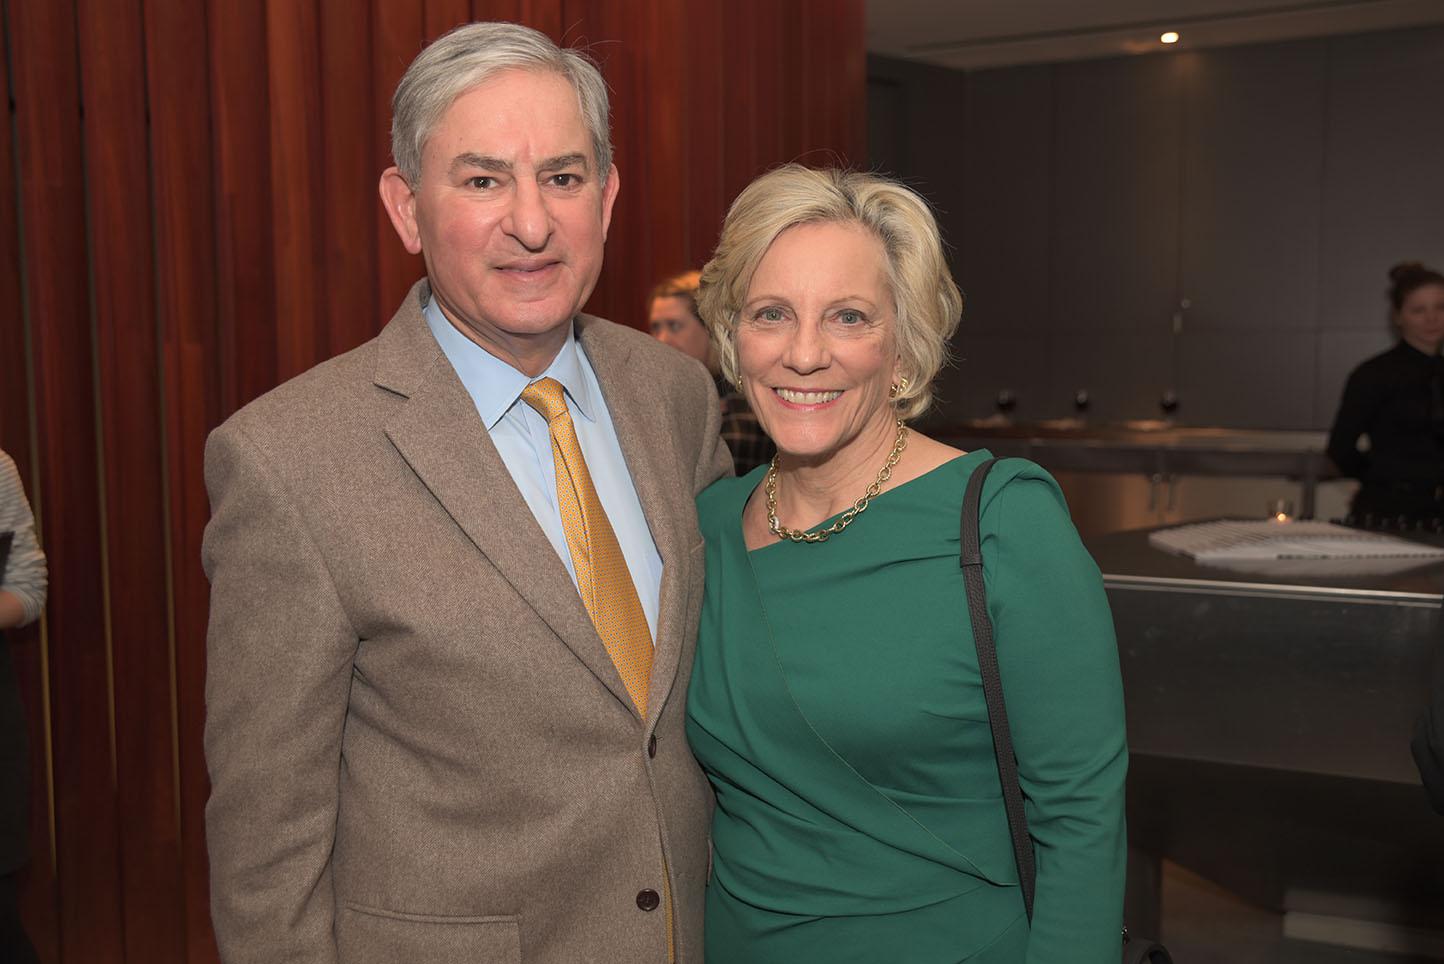 Roger and Jill Witten